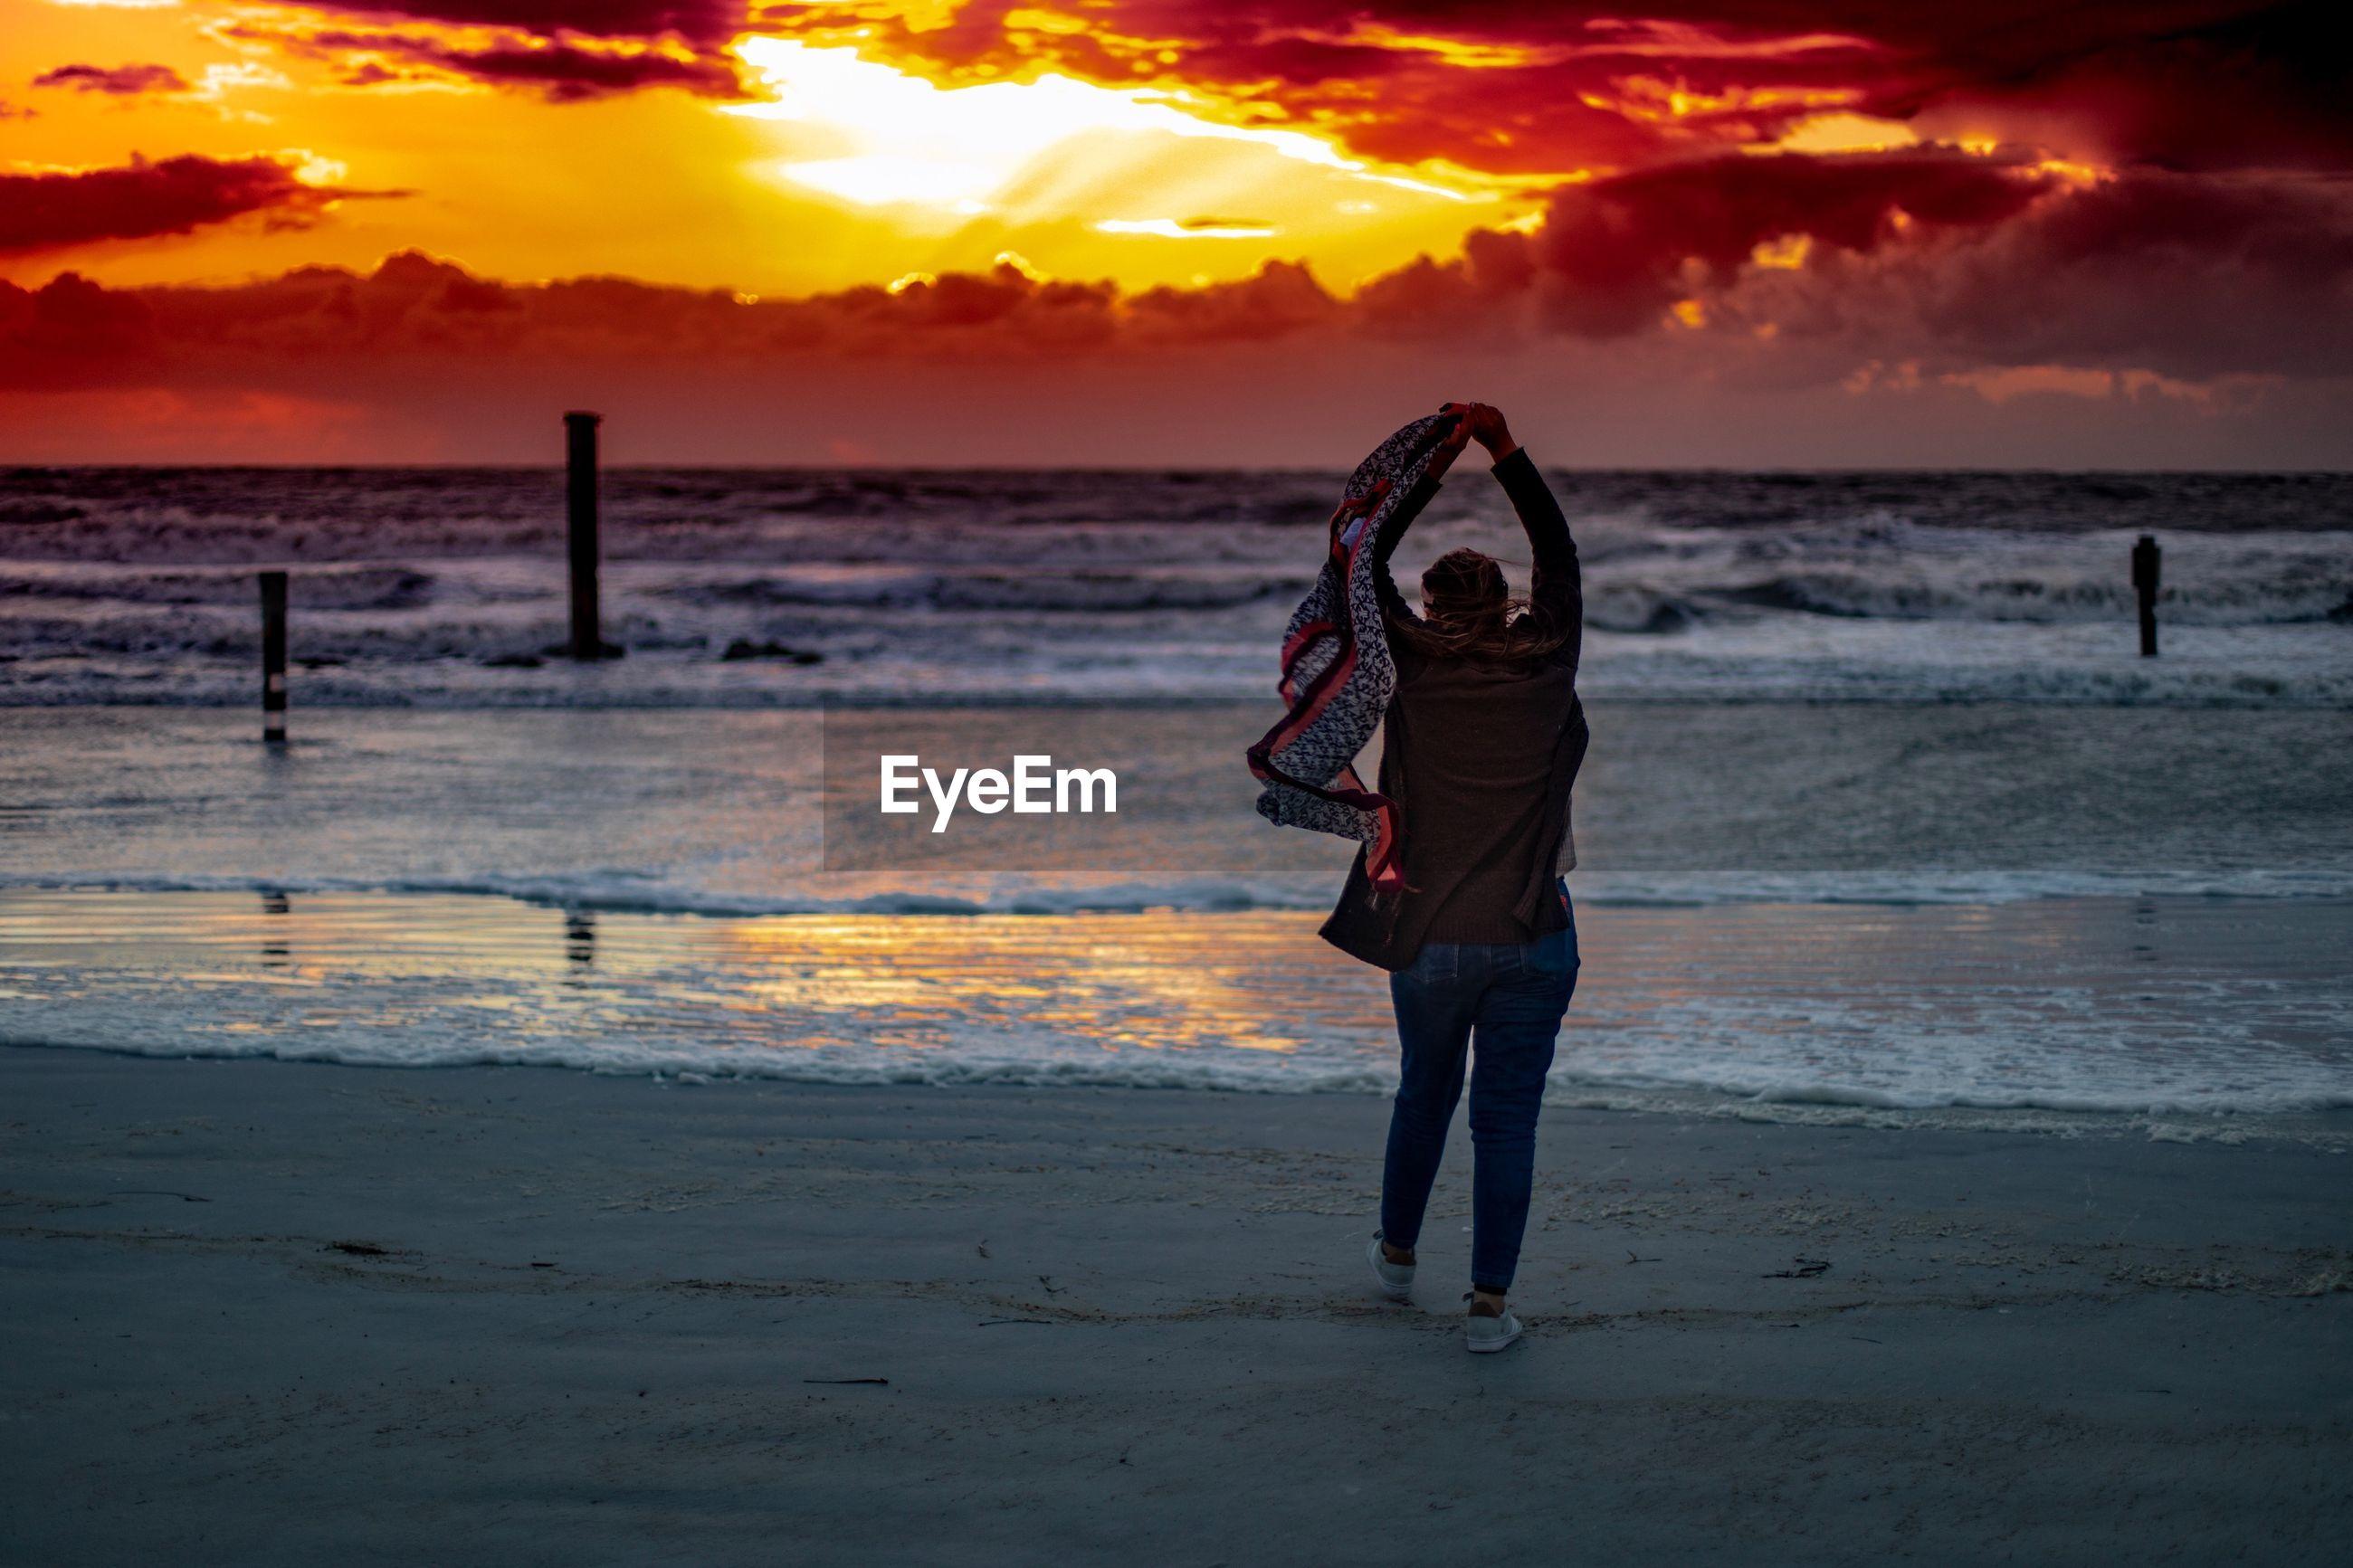 FULL LENGTH OF MAN STANDING ON BEACH AGAINST SKY DURING SUNSET